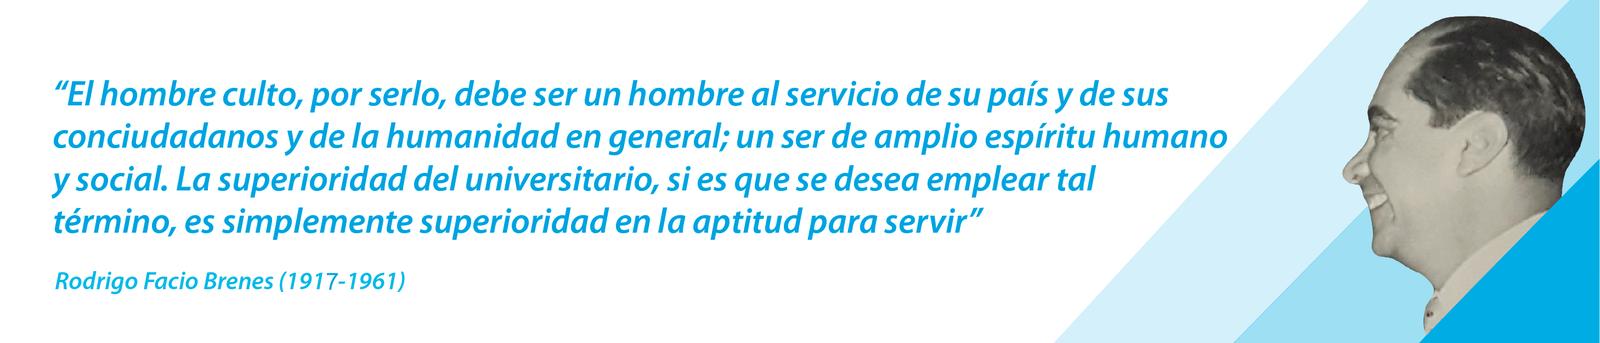 Frases Don Rodrigo Facio